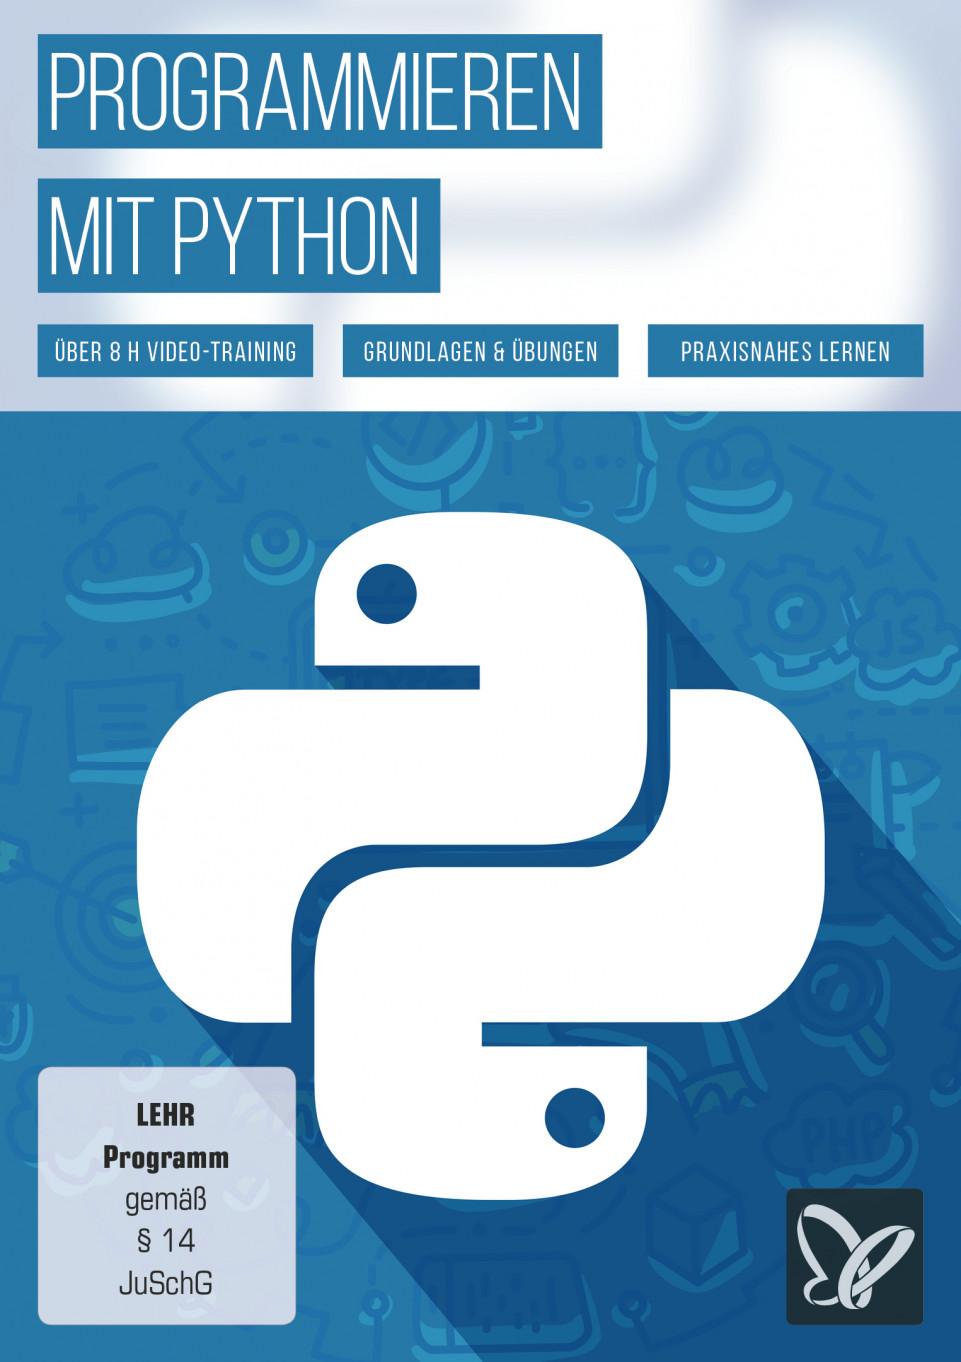 Programmieren lernen mit Python – das Praxis-Tutorial